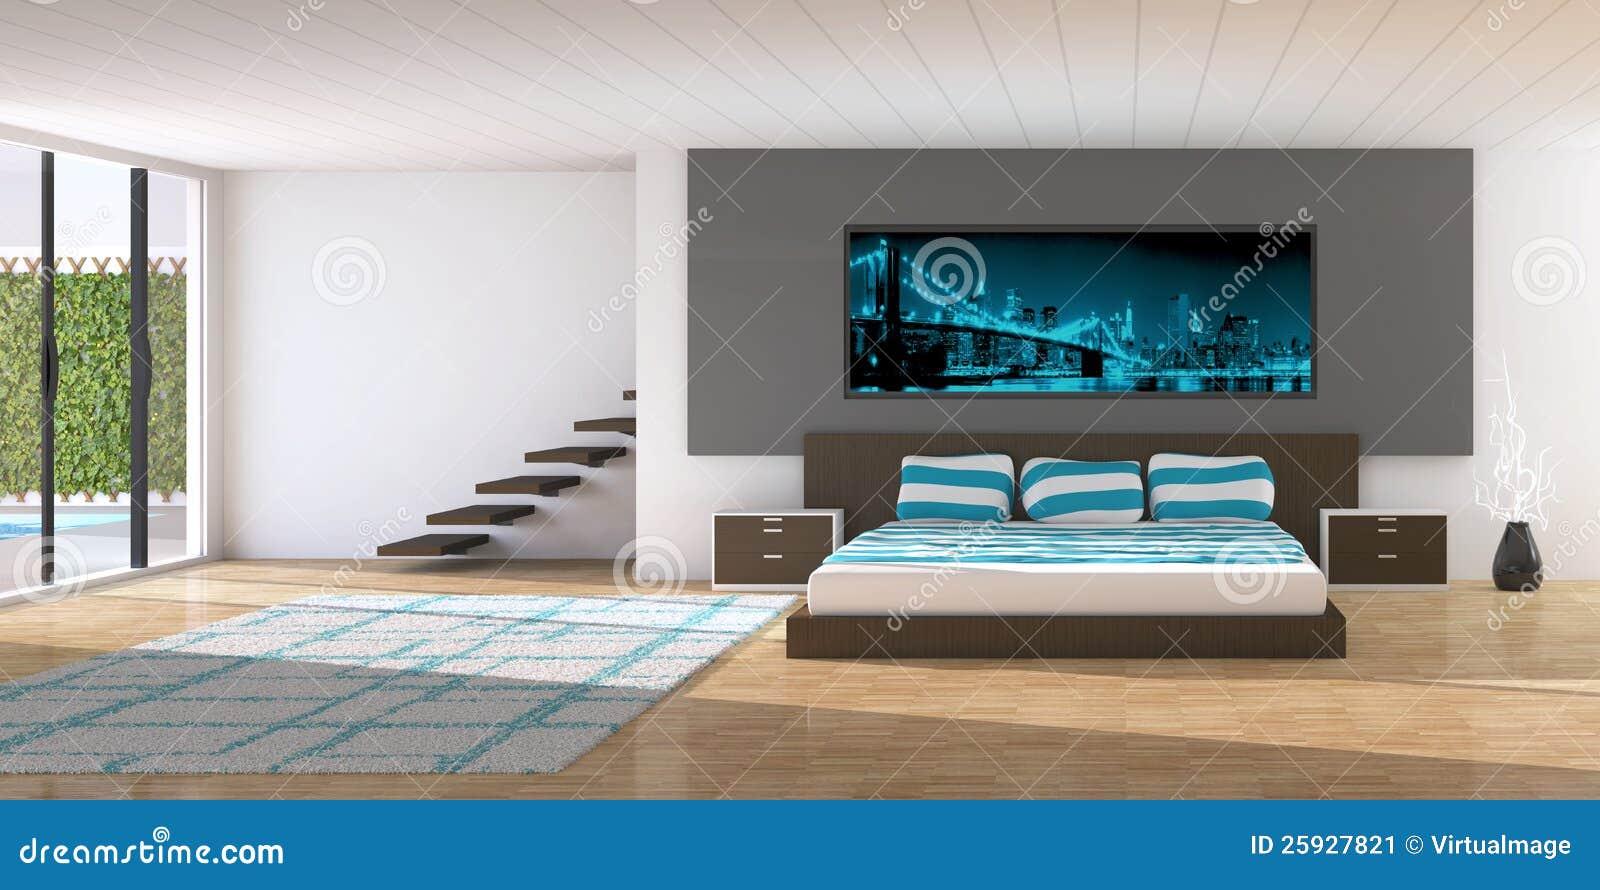 Bruine tinten ontwerp slaapkamers gehoor geven aan uw huis - Ontwerp van slaapkamers ...